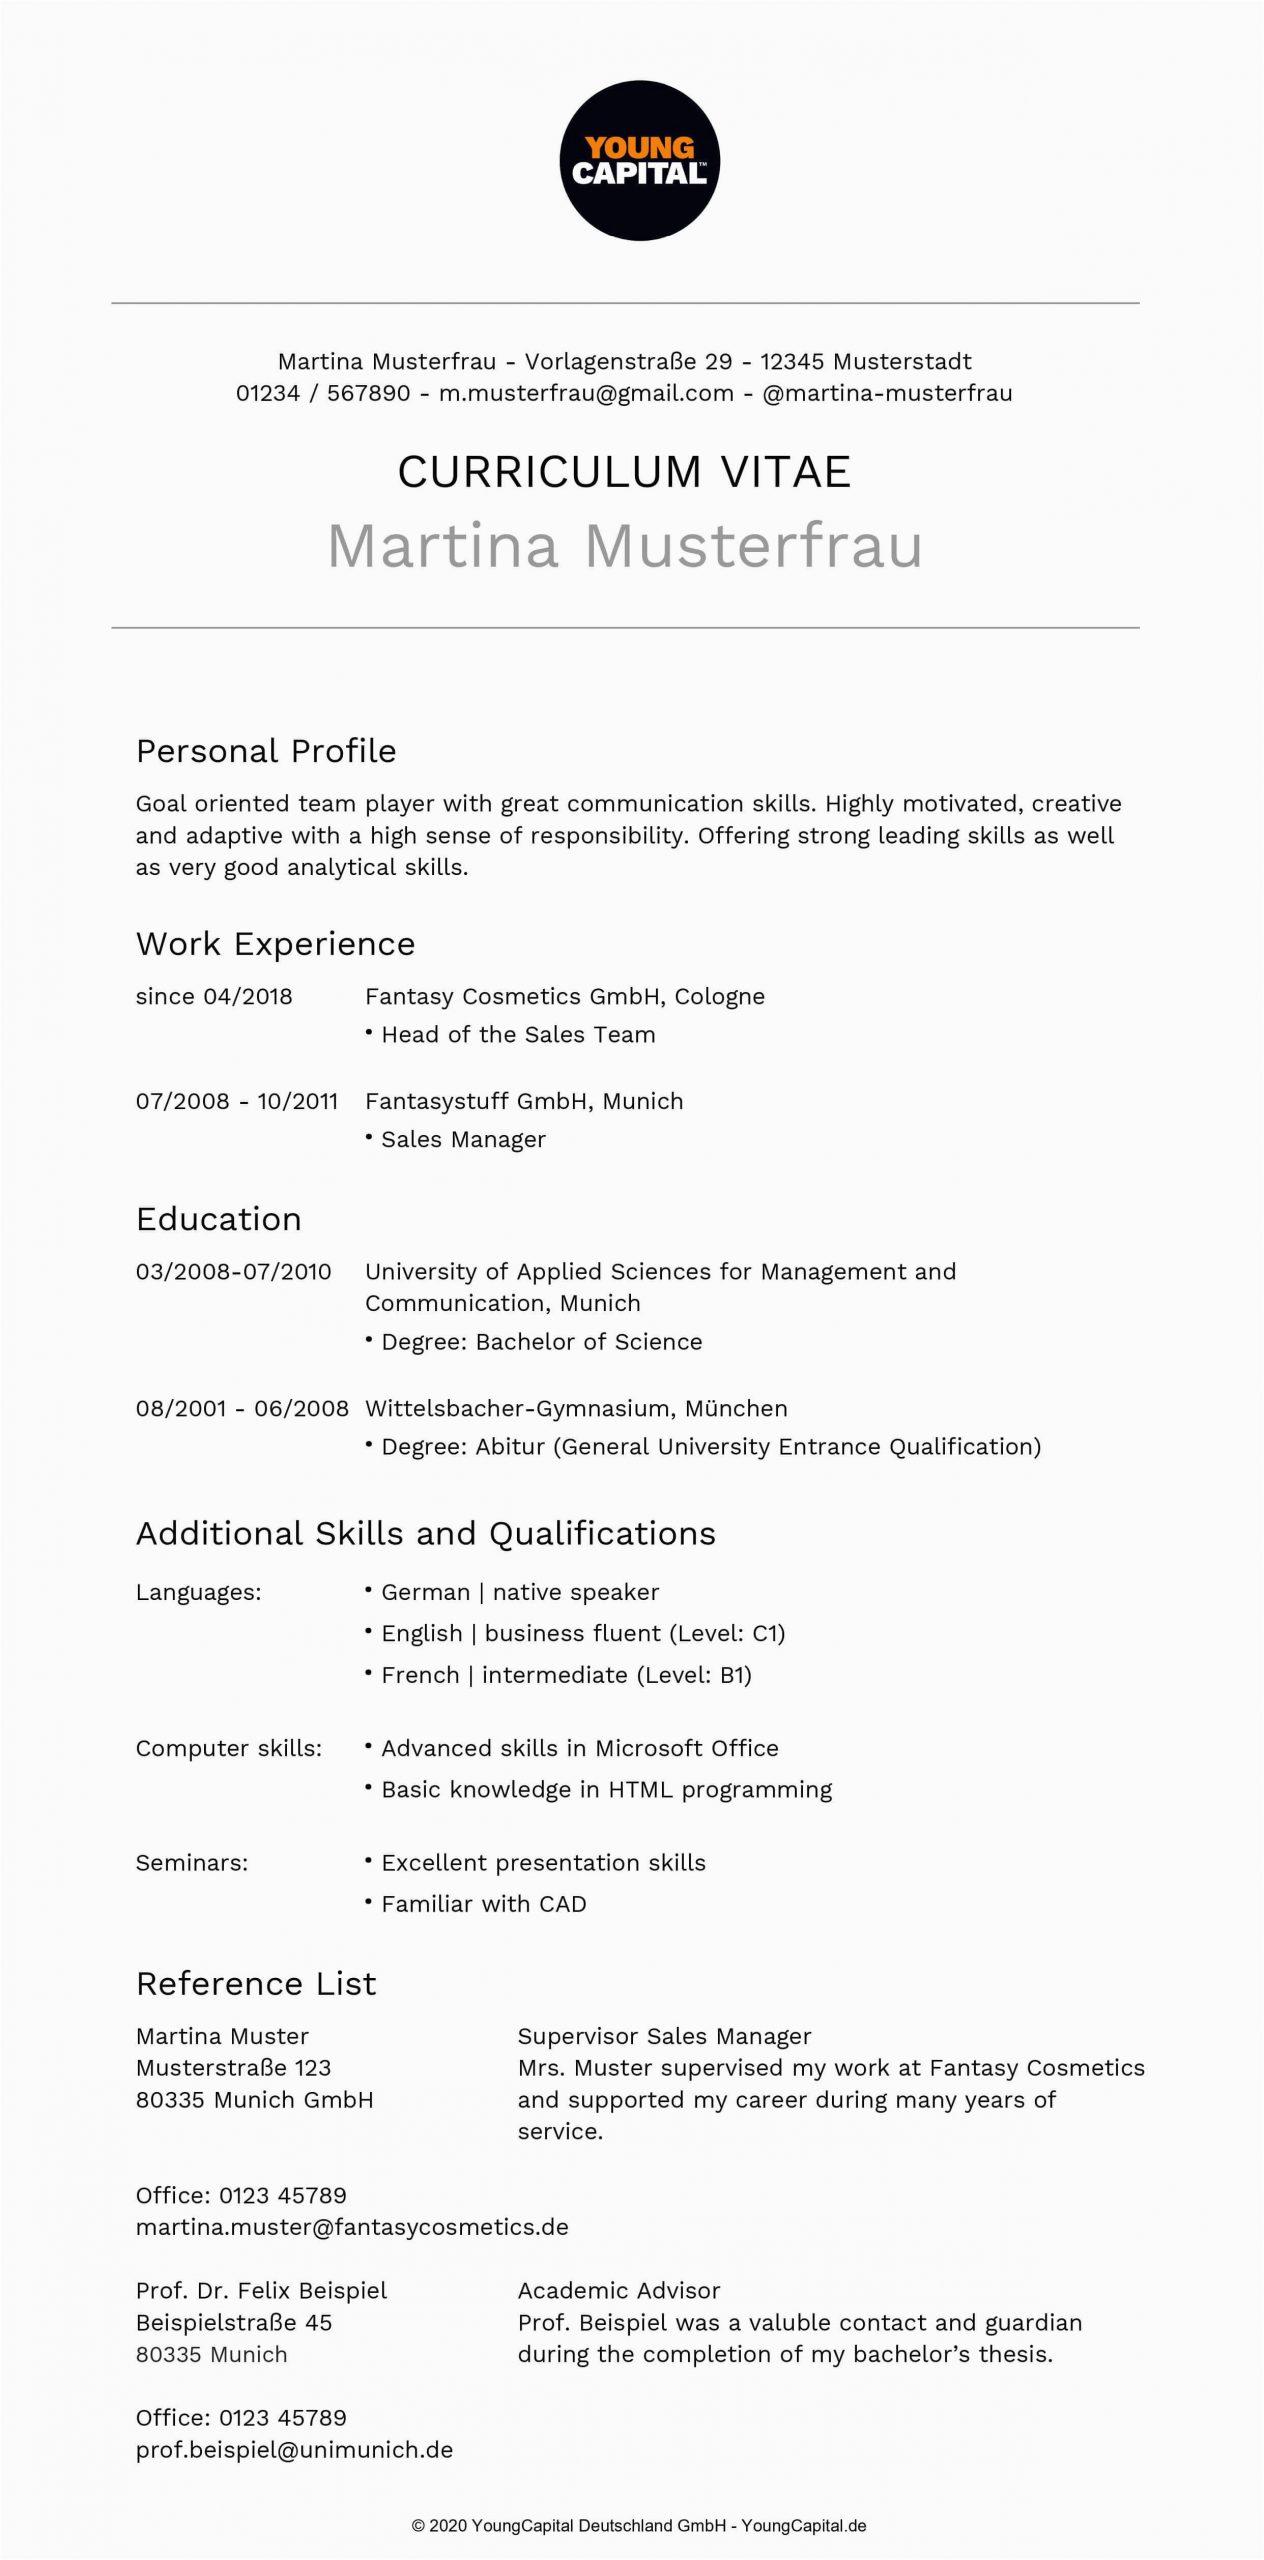 Lebenslauf Englisch Google Übersetzer Bewerbung Auf Englisch